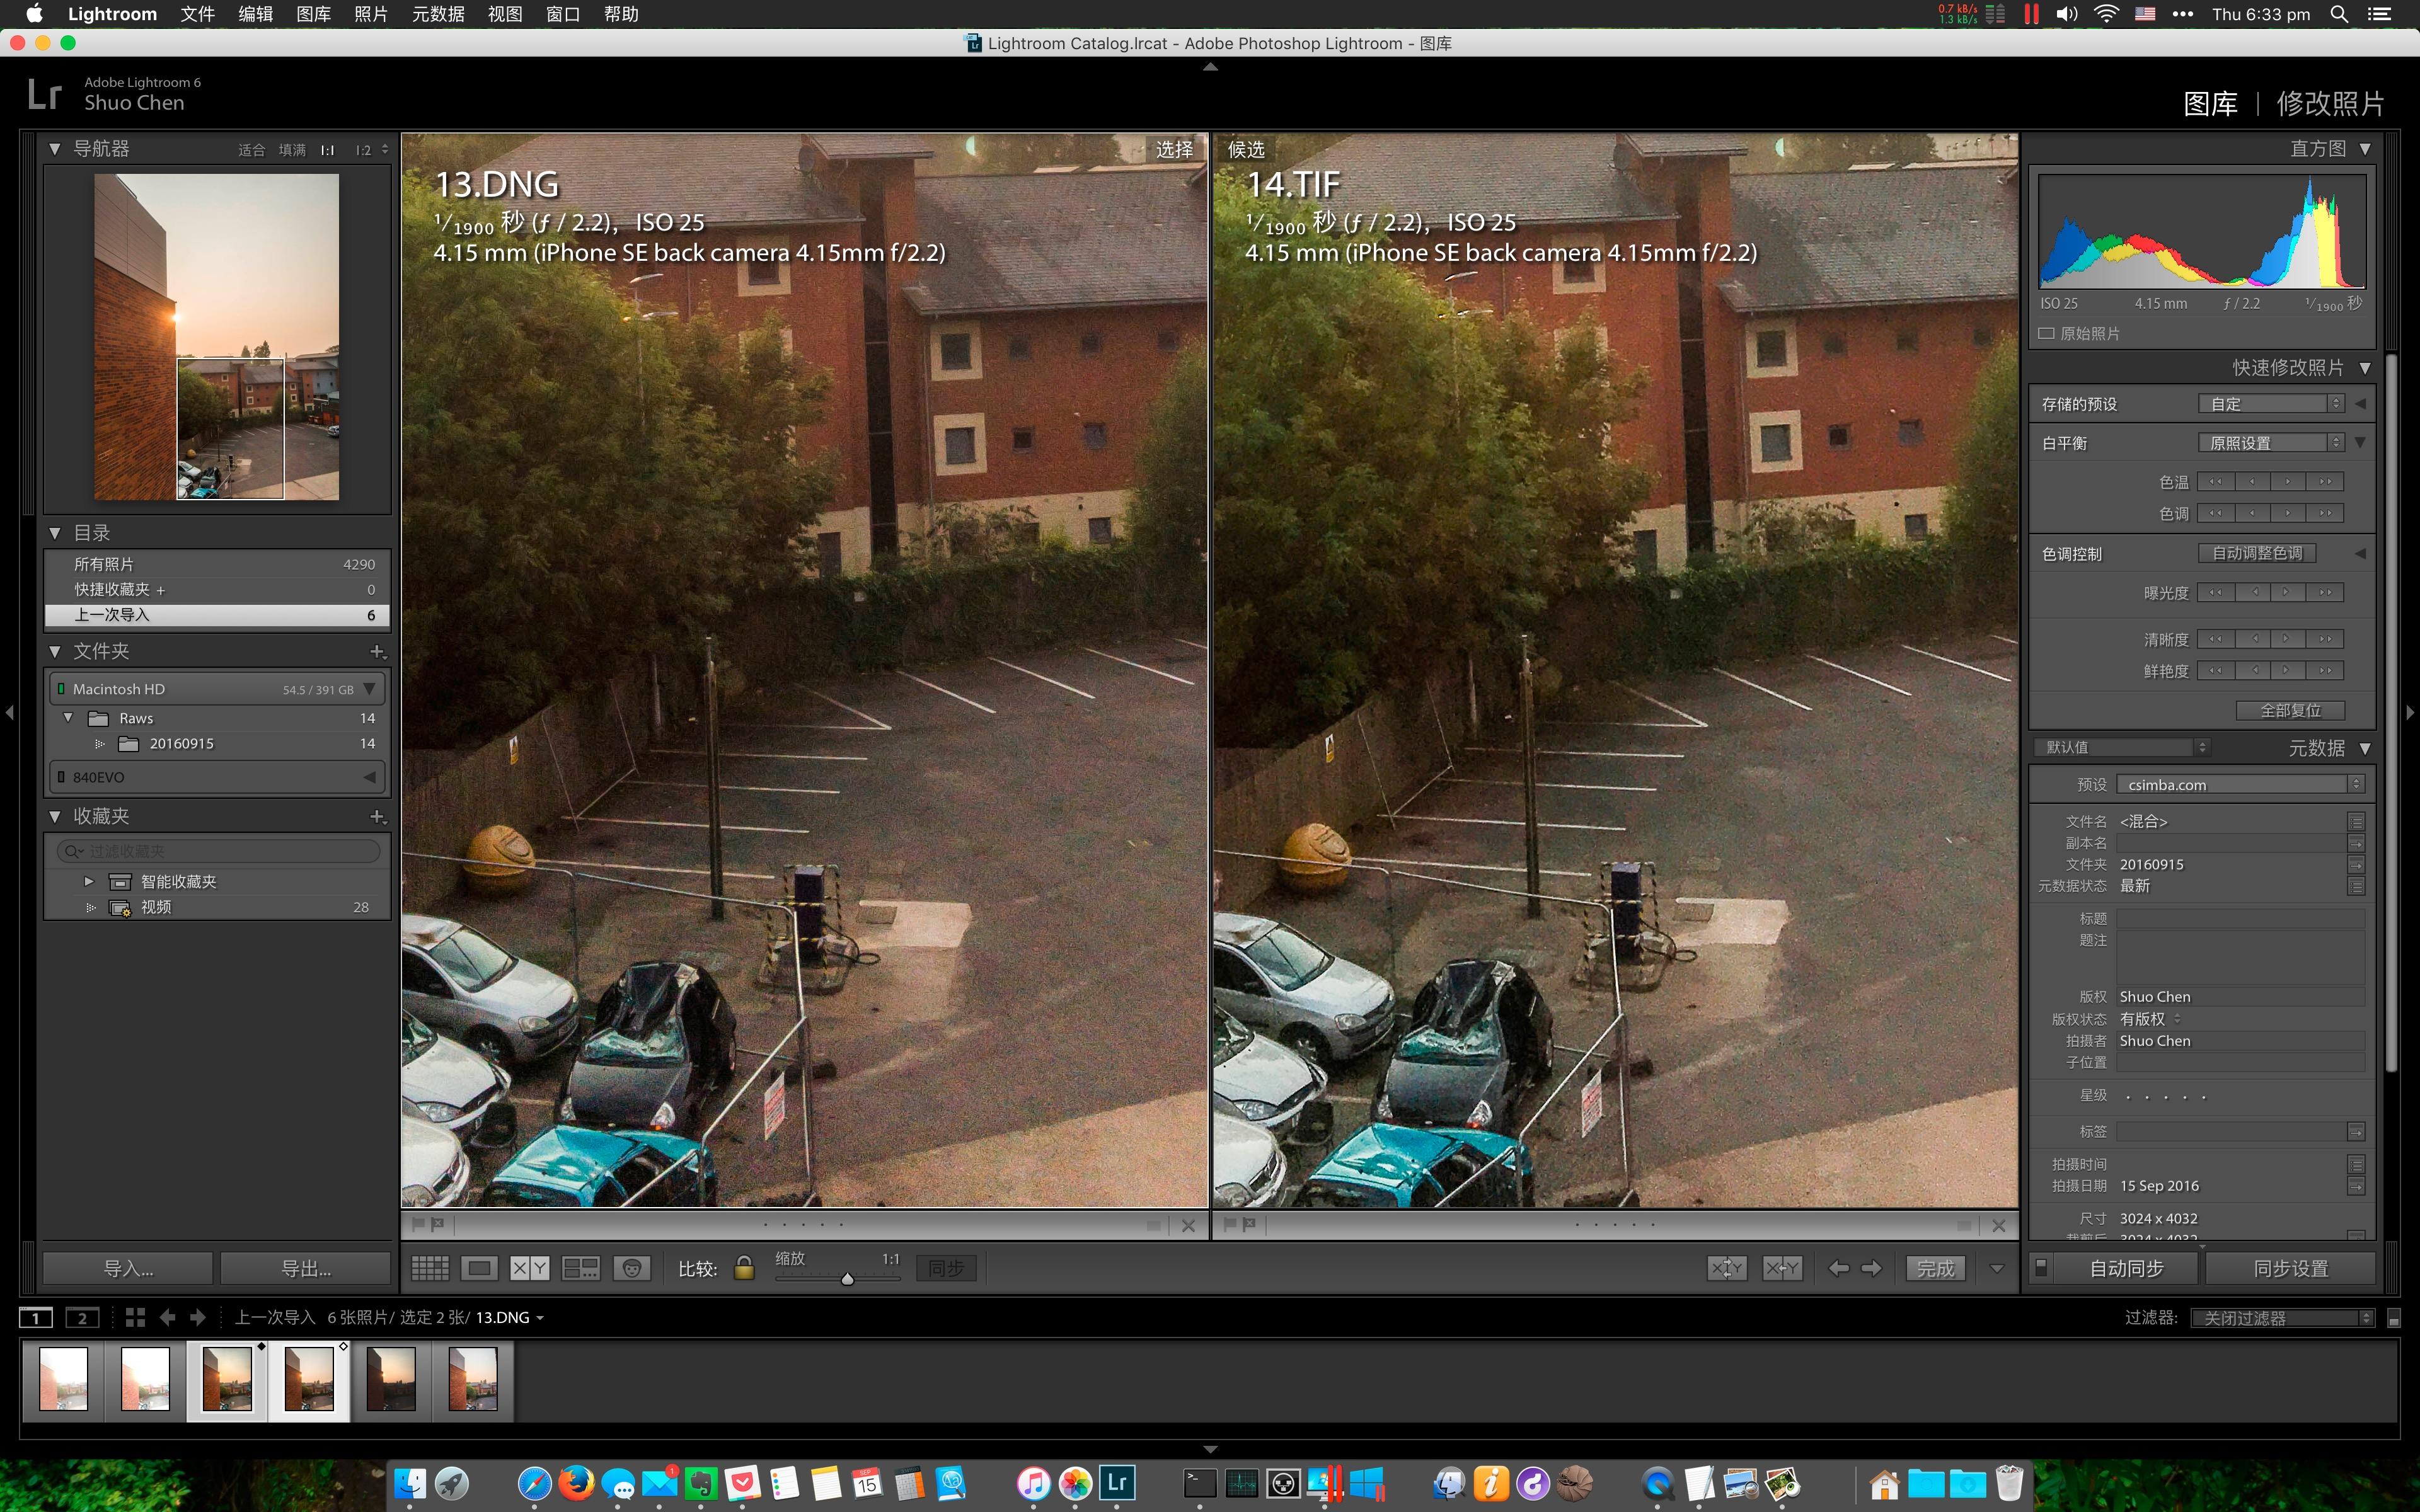 图4: Procam TIFF vs Raw 正常曝光拍摄后 高光-100 暗部+100 暗部细节对比